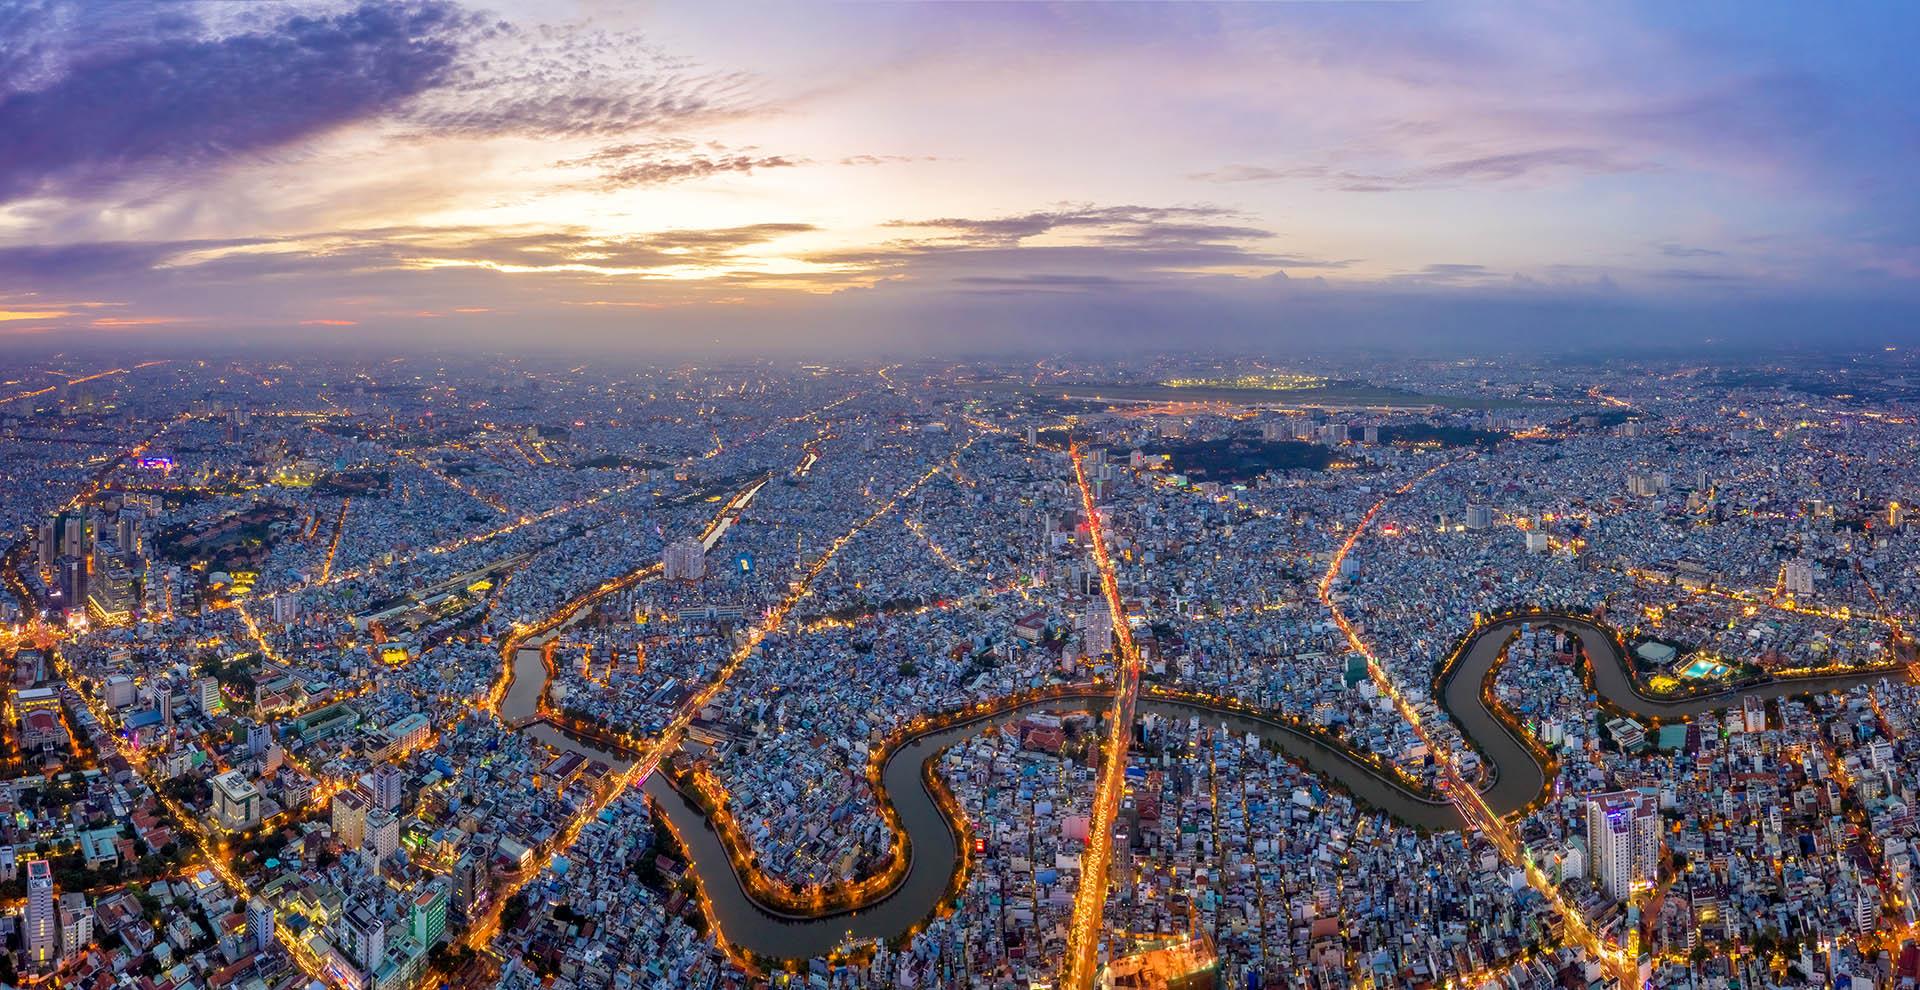 El Distrito 3 es un distrito urbano de la ciudad de Ho Chi Minh, la ciudad más grande de Vietnam. Junto con el Distrito 1, el Distrito 3 es considerado el bullicioso corazón de la ciudad, con varios negocios, sitios religiosos, edificios históricos y atracciones turísticas